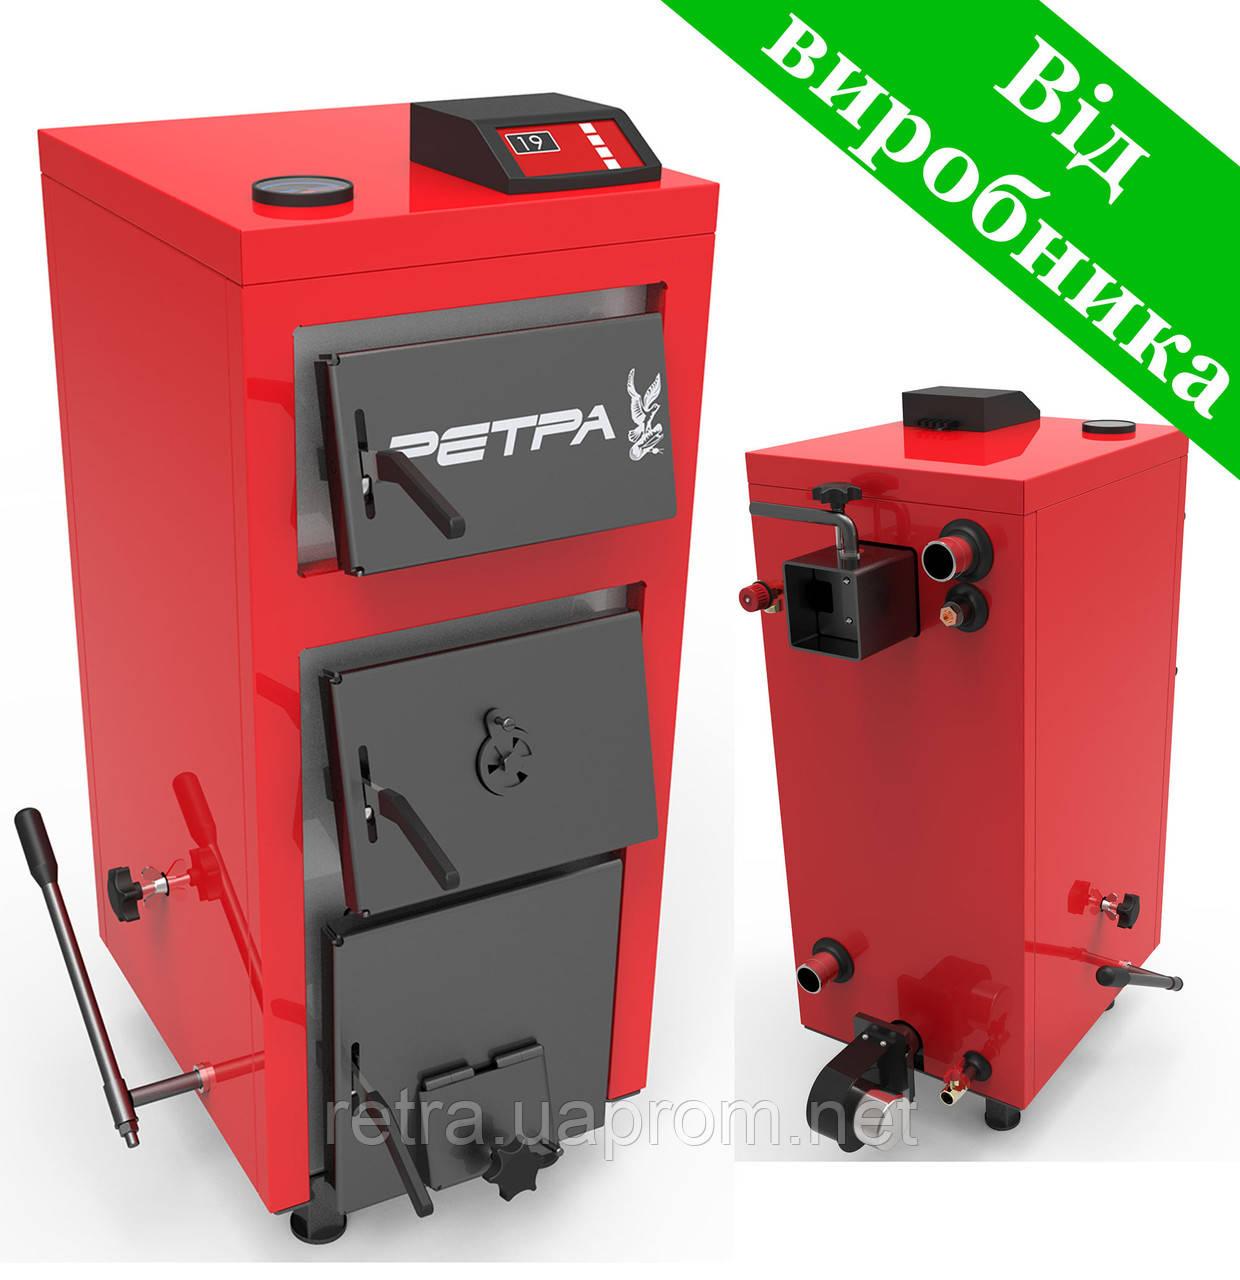 Котел твердотопливный Ретра-5М Plus 15 кВт длительного горения